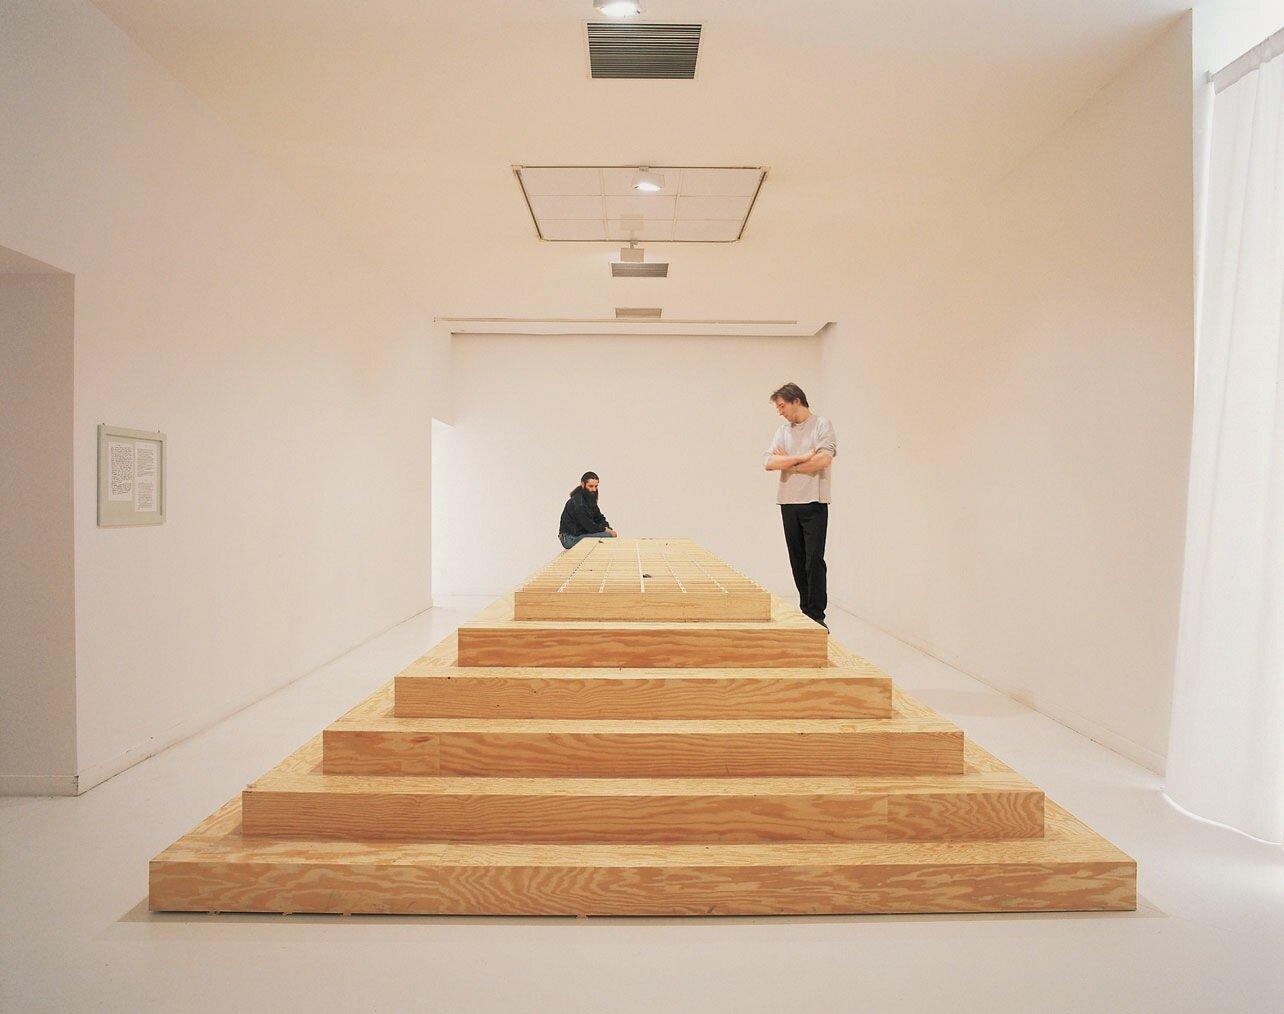 View-of-installation-Museum-van-Hedendaagse-Kunst-Antwerp-1998-Photo-by-Dirk-Pauwe.jpg